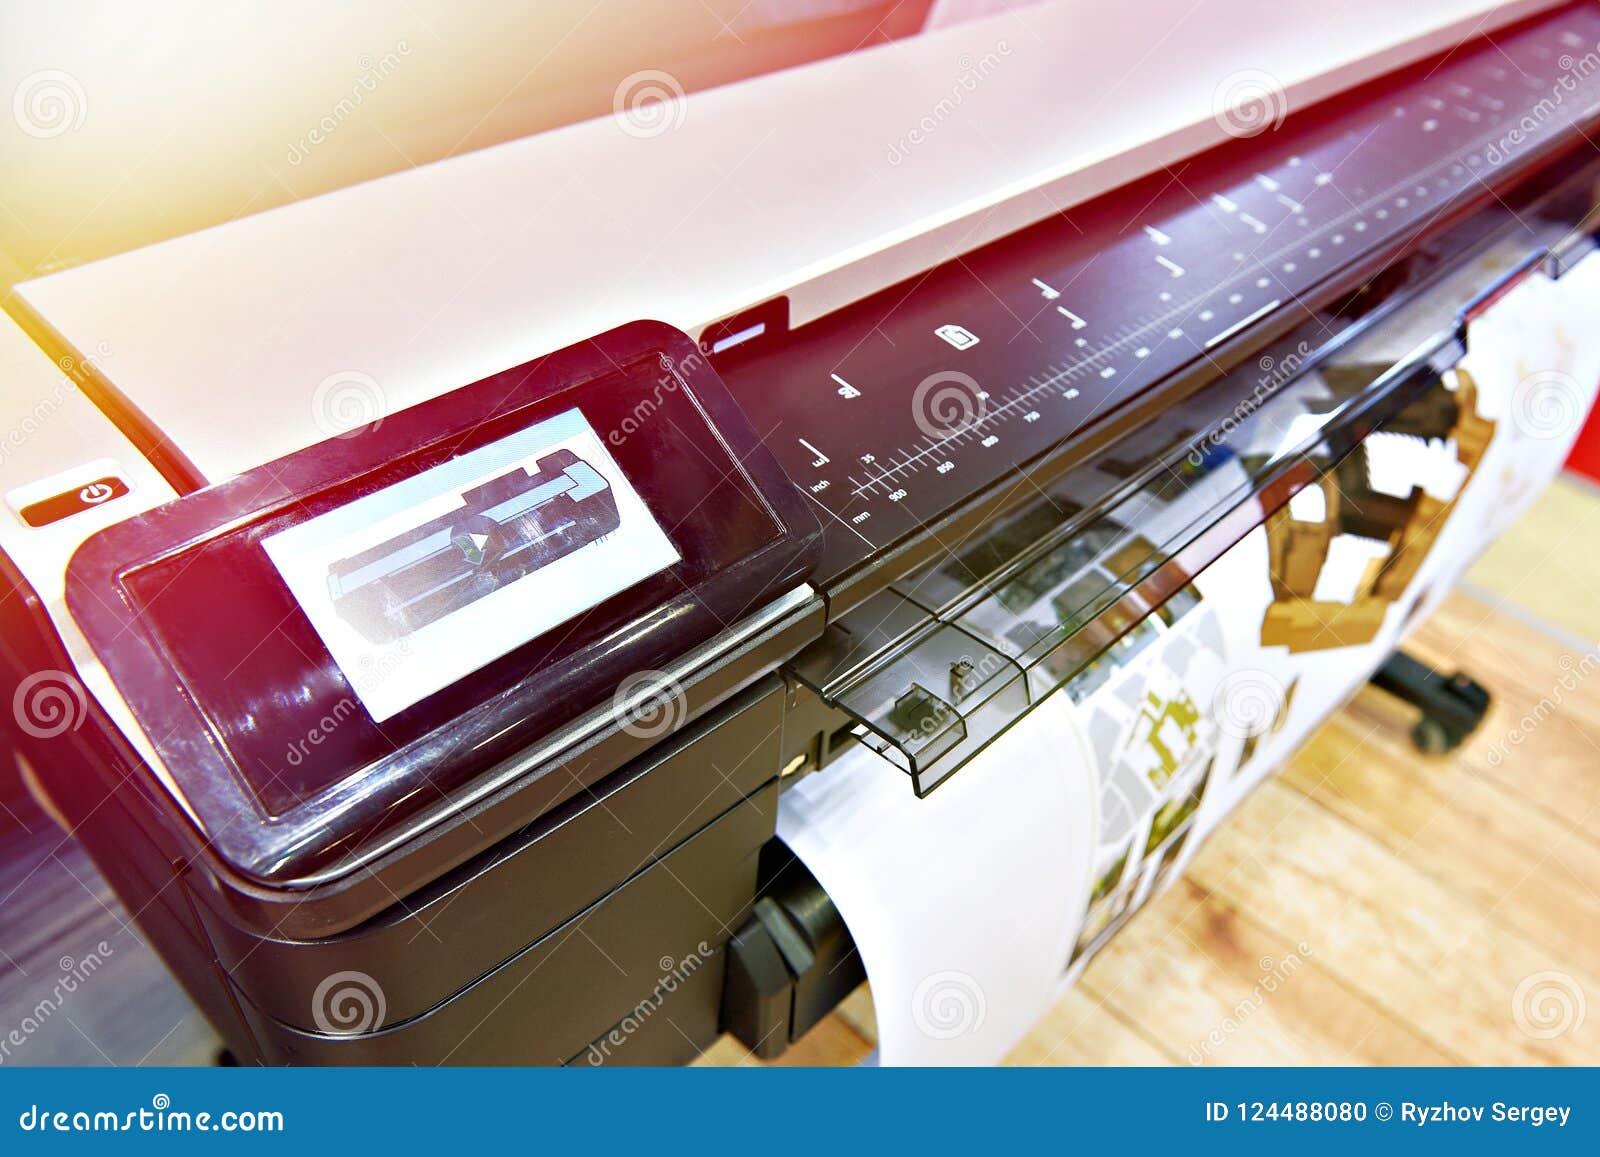 大型格式化打印